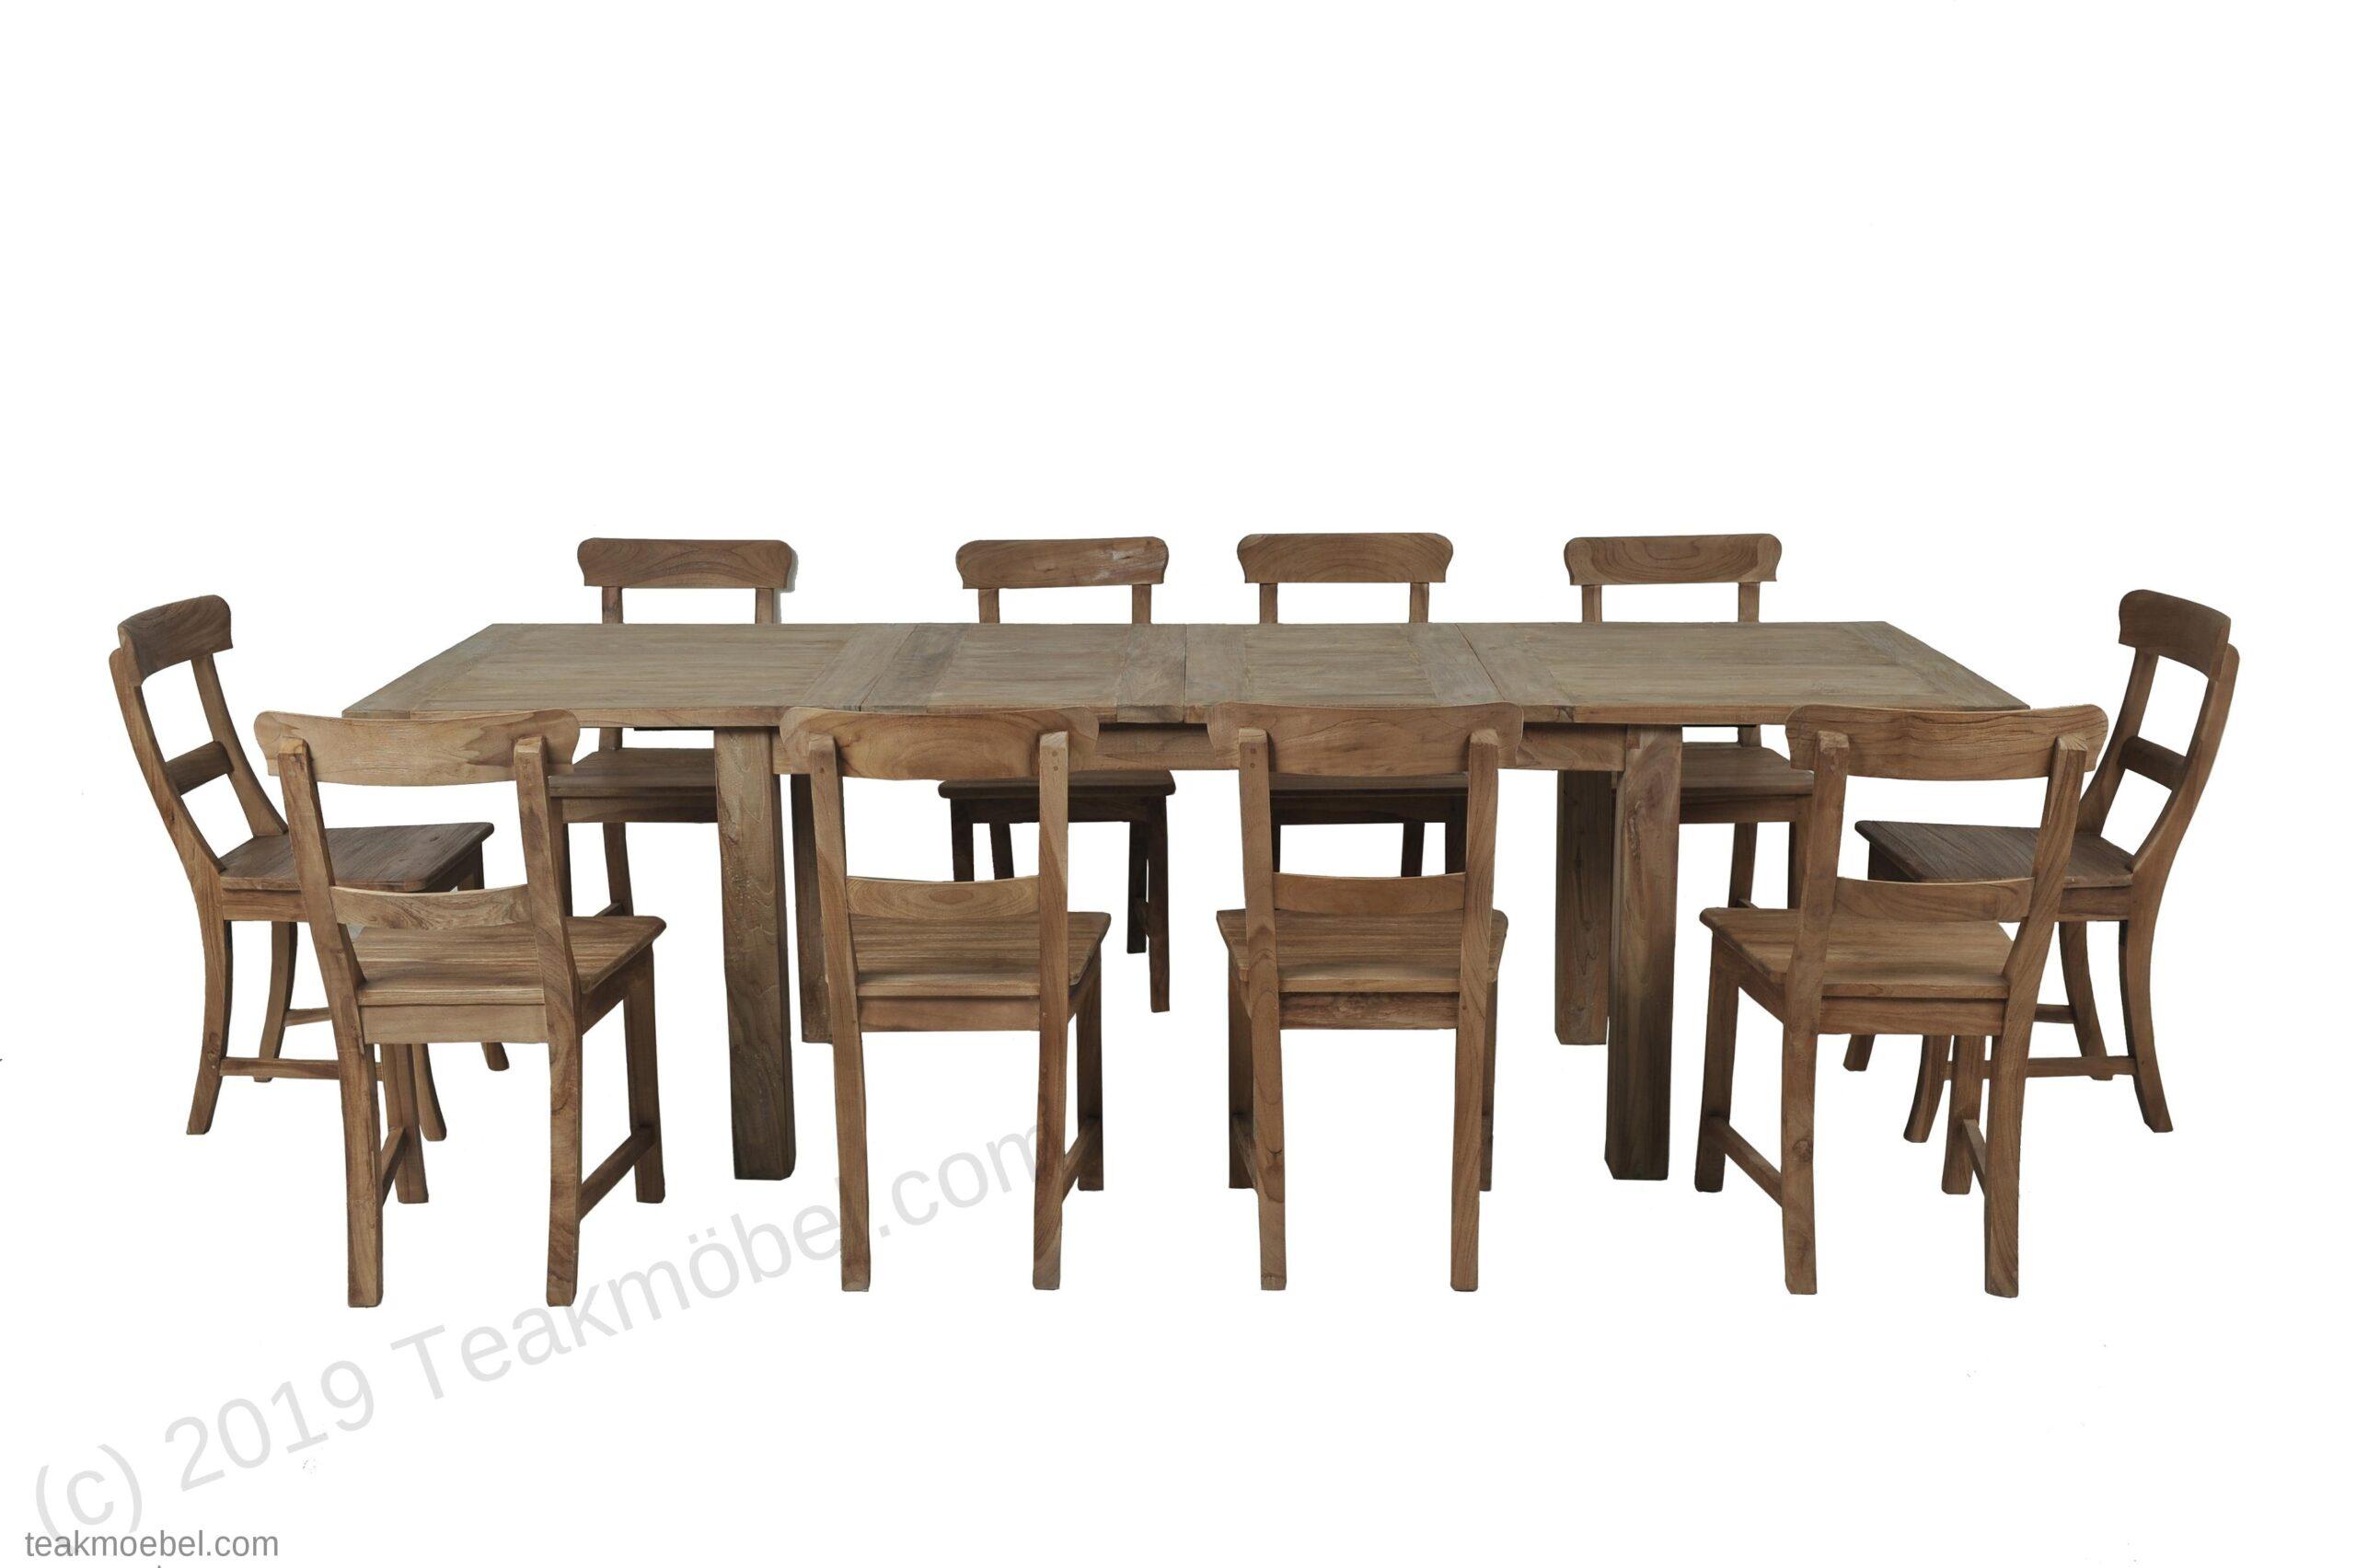 Full Size of Teak Esstisch Ausziehbar 160 210 260x90 10 Sthle Teakmbelcom Musterring Esstischstühle Und Stühle Massiv Shabby Akazie Chic Ausziehbarer 2m Esstische Holz Esstische Stühle Esstisch